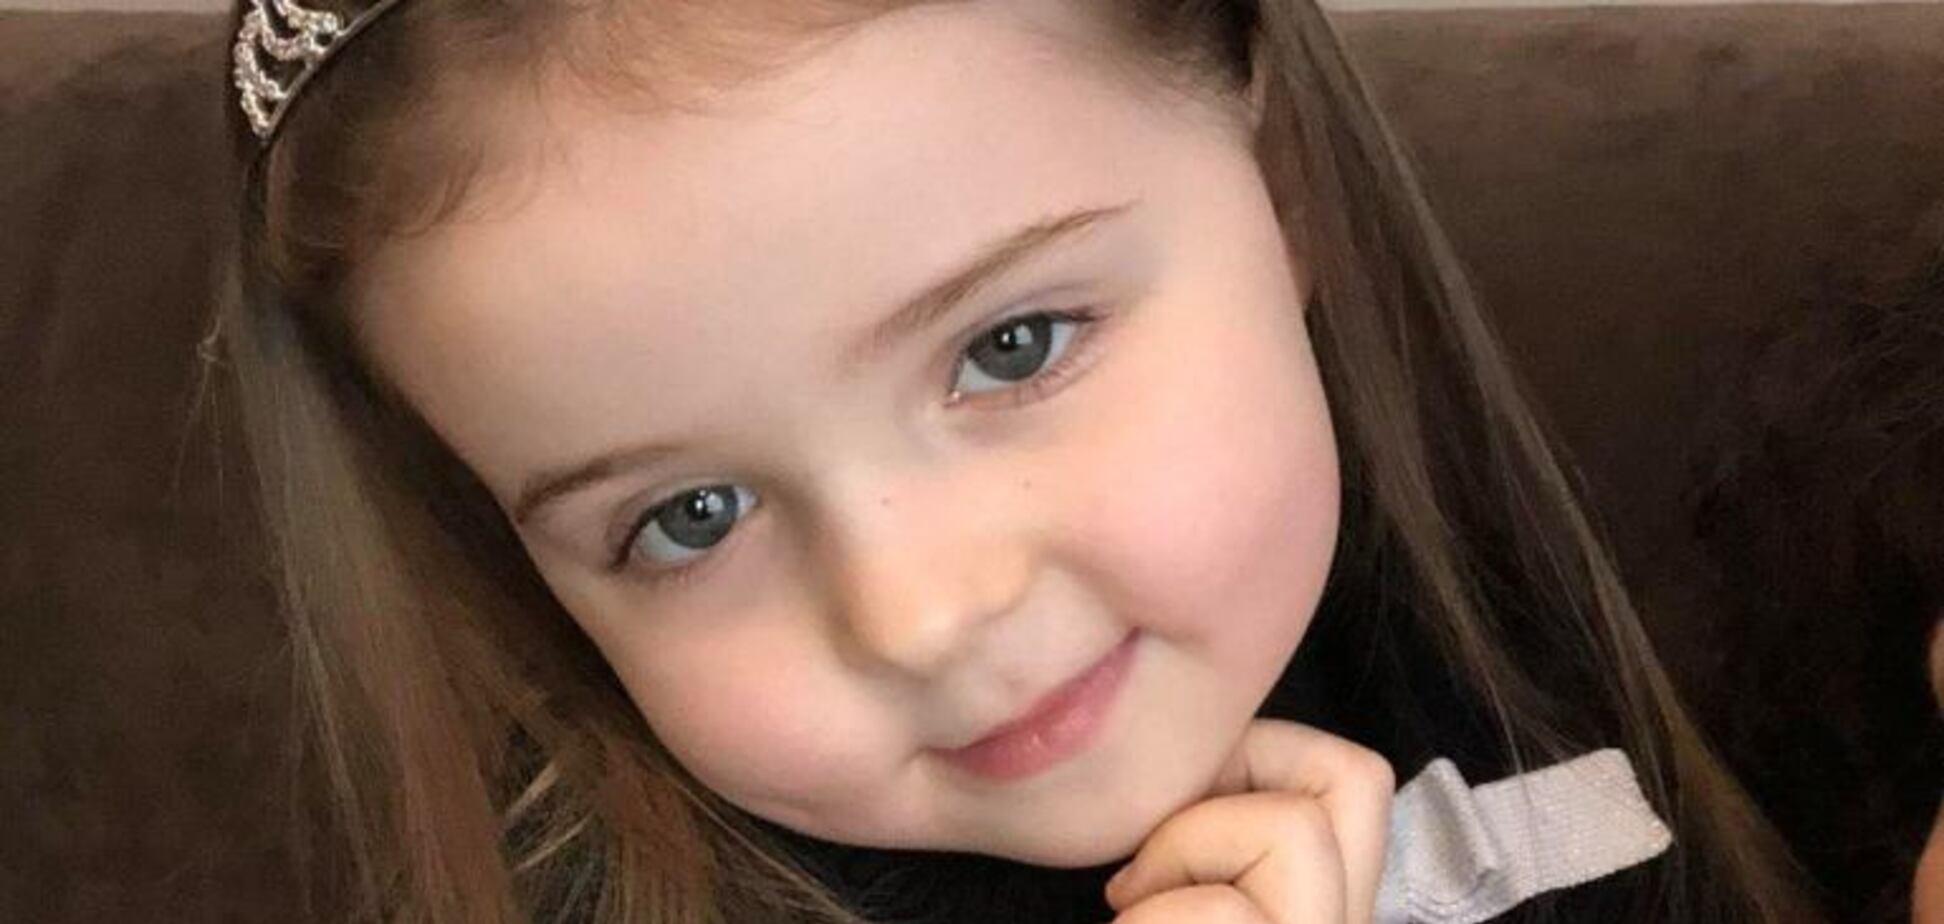 Украинцев просят спасти жизнь 4-летней девочке со страшным диагнозом